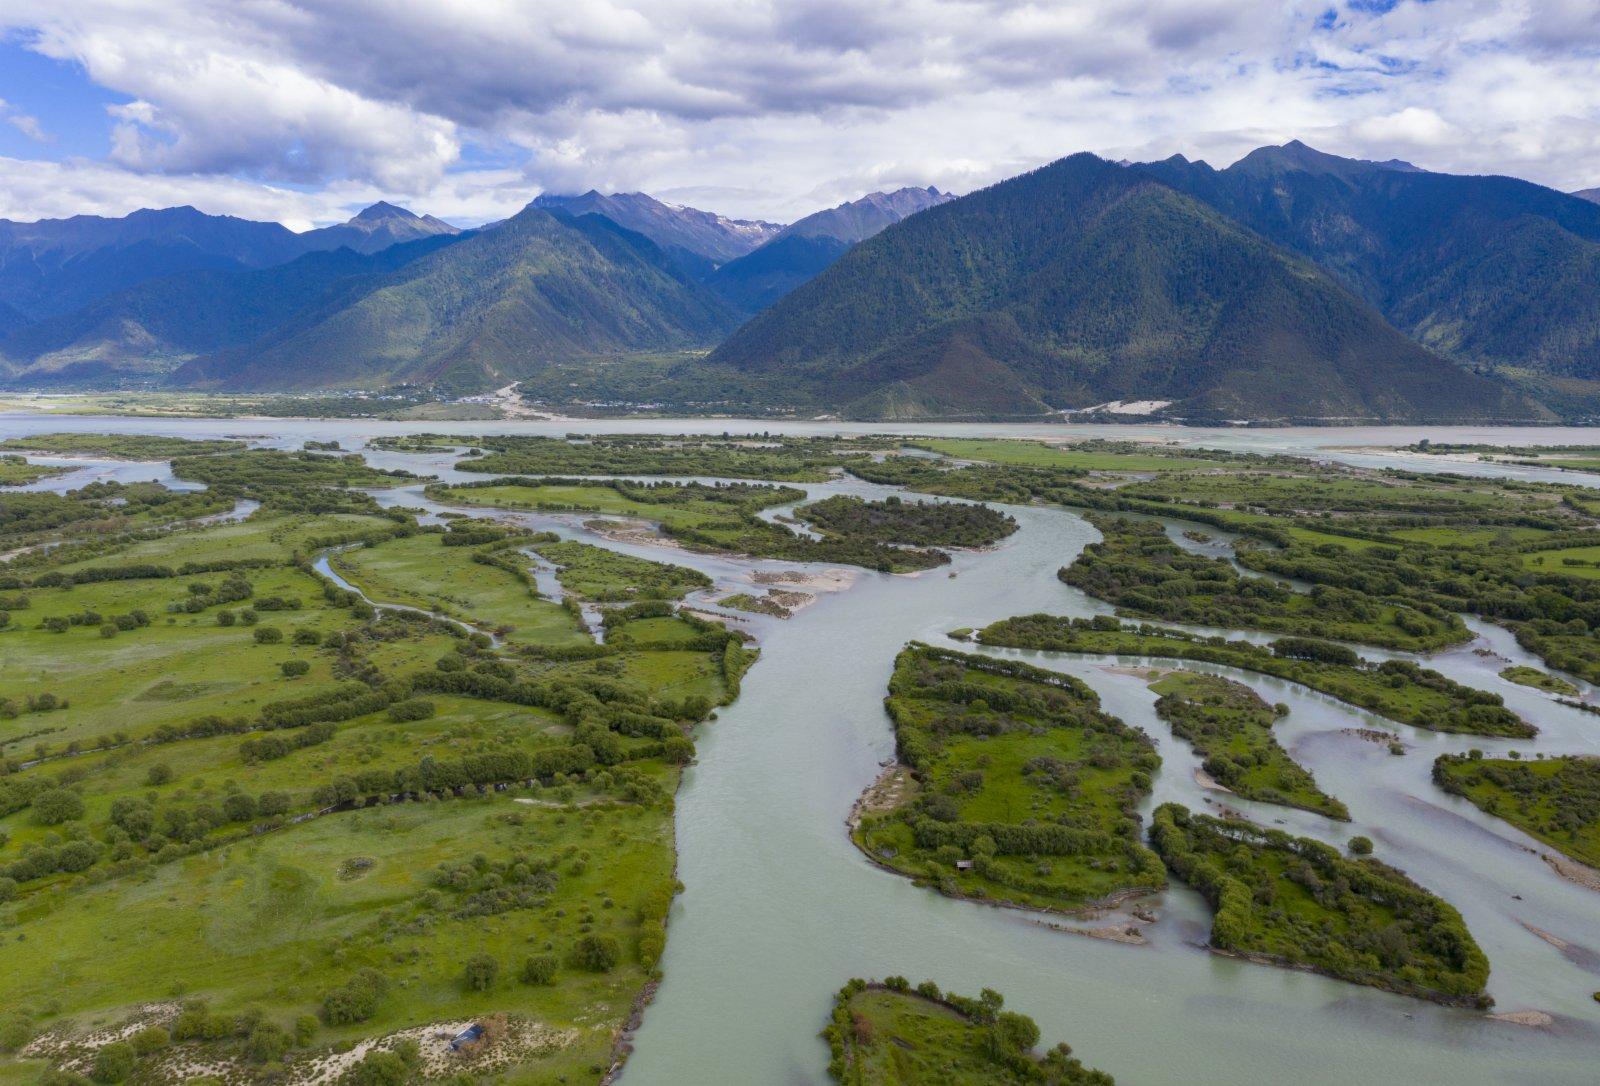 這是7月20日拍攝的雅尼國家濕地公園一角(無人機照片)。(新華社)